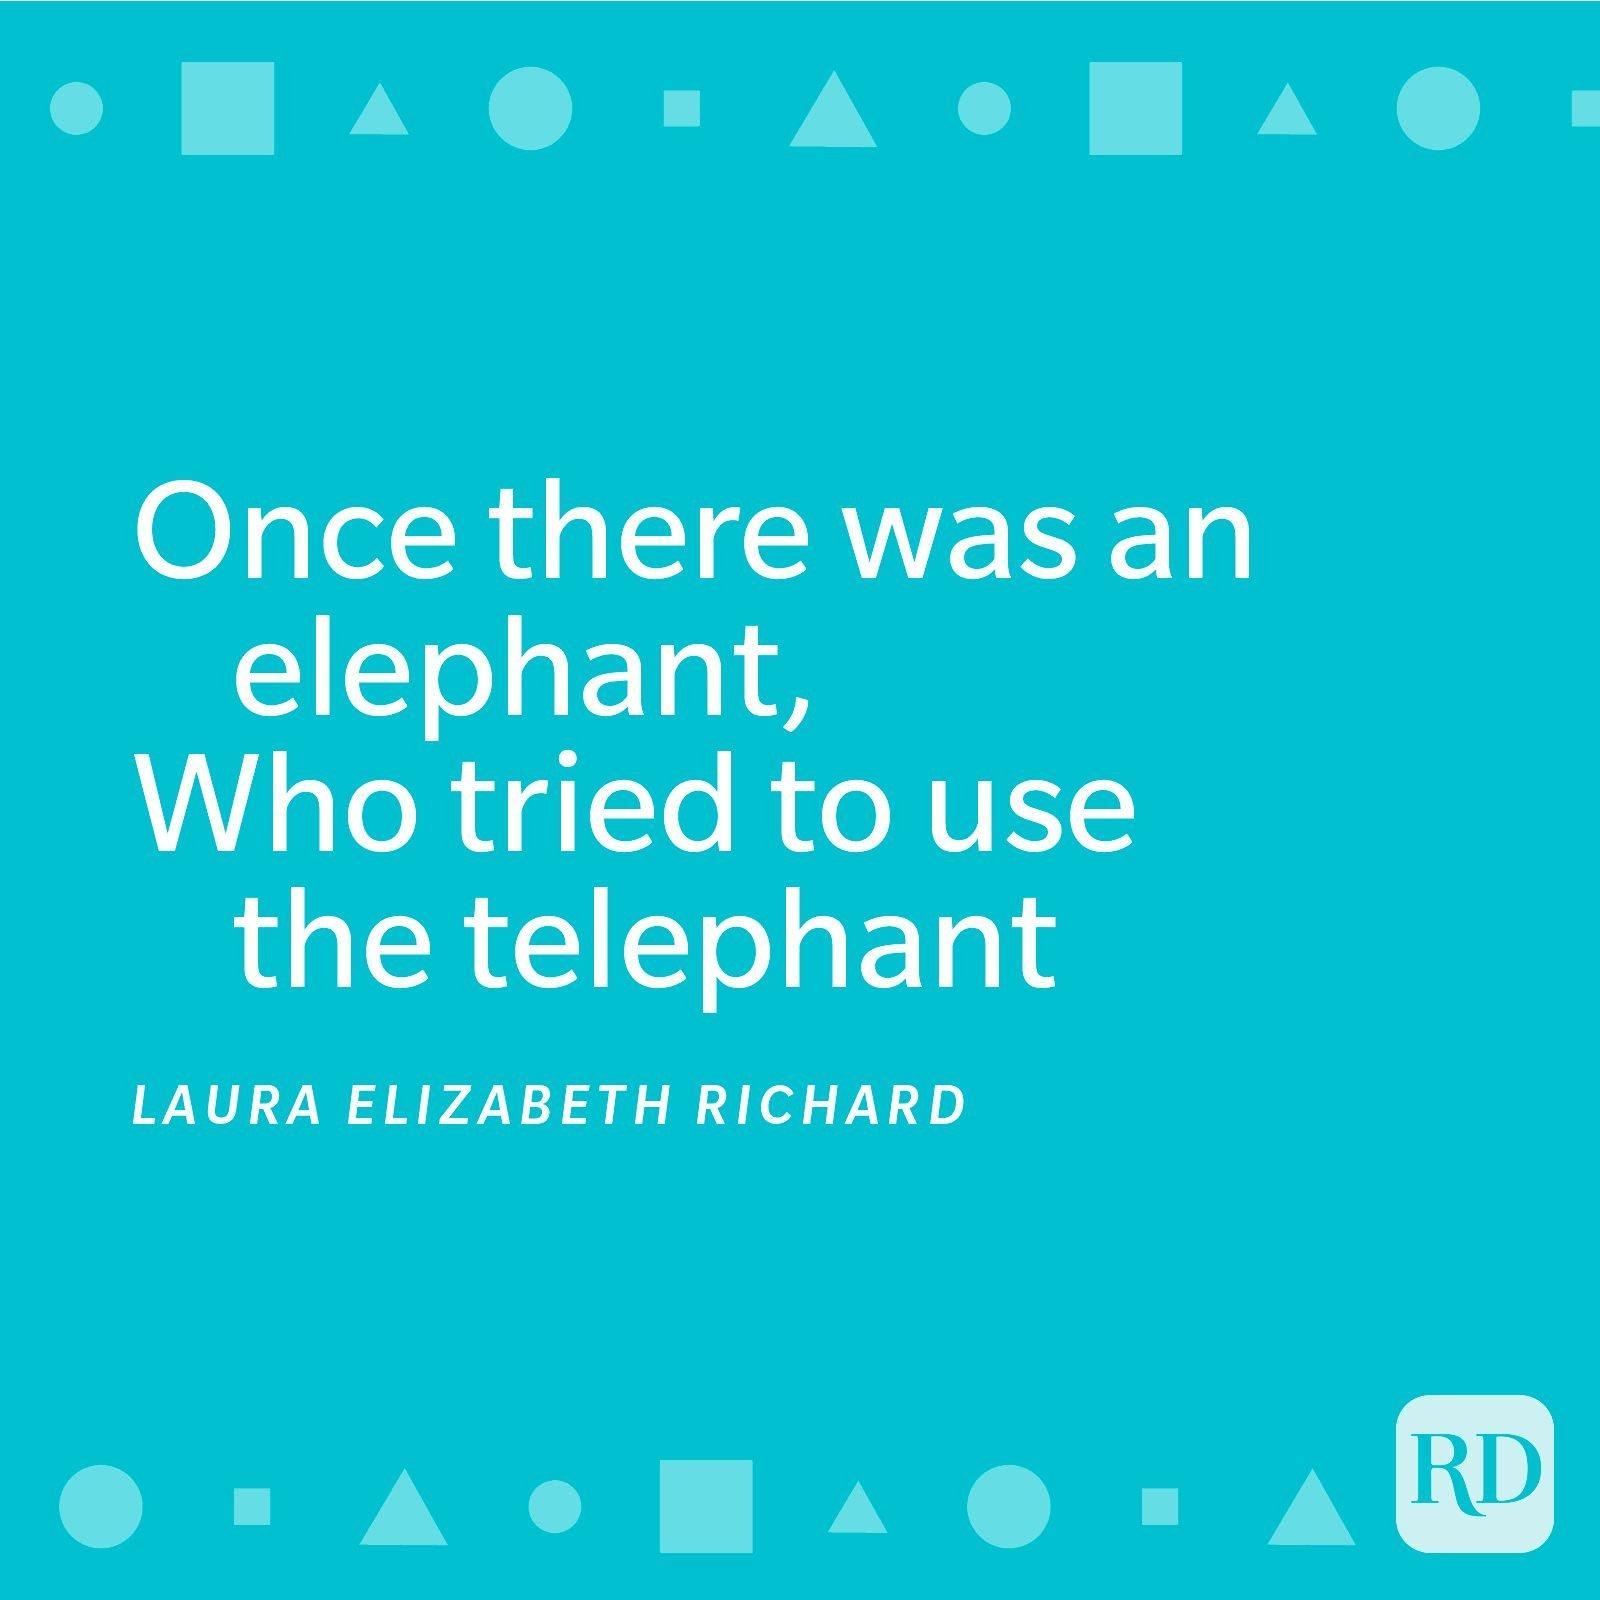 Eletelephony